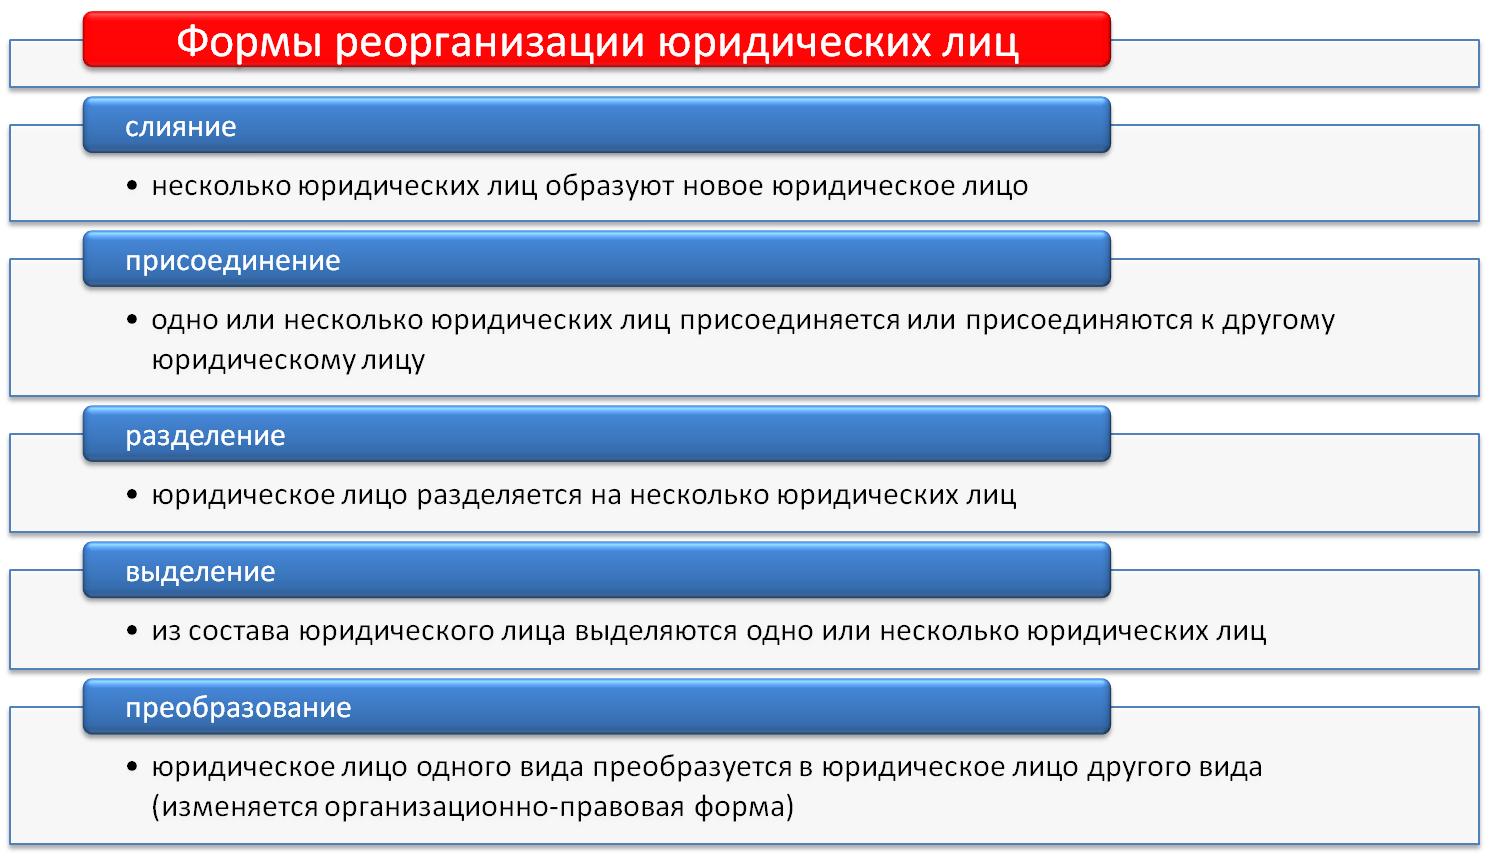 Регистрация реорганизации ооо присоединение когда подается декларация 3 ндфл до какого числа